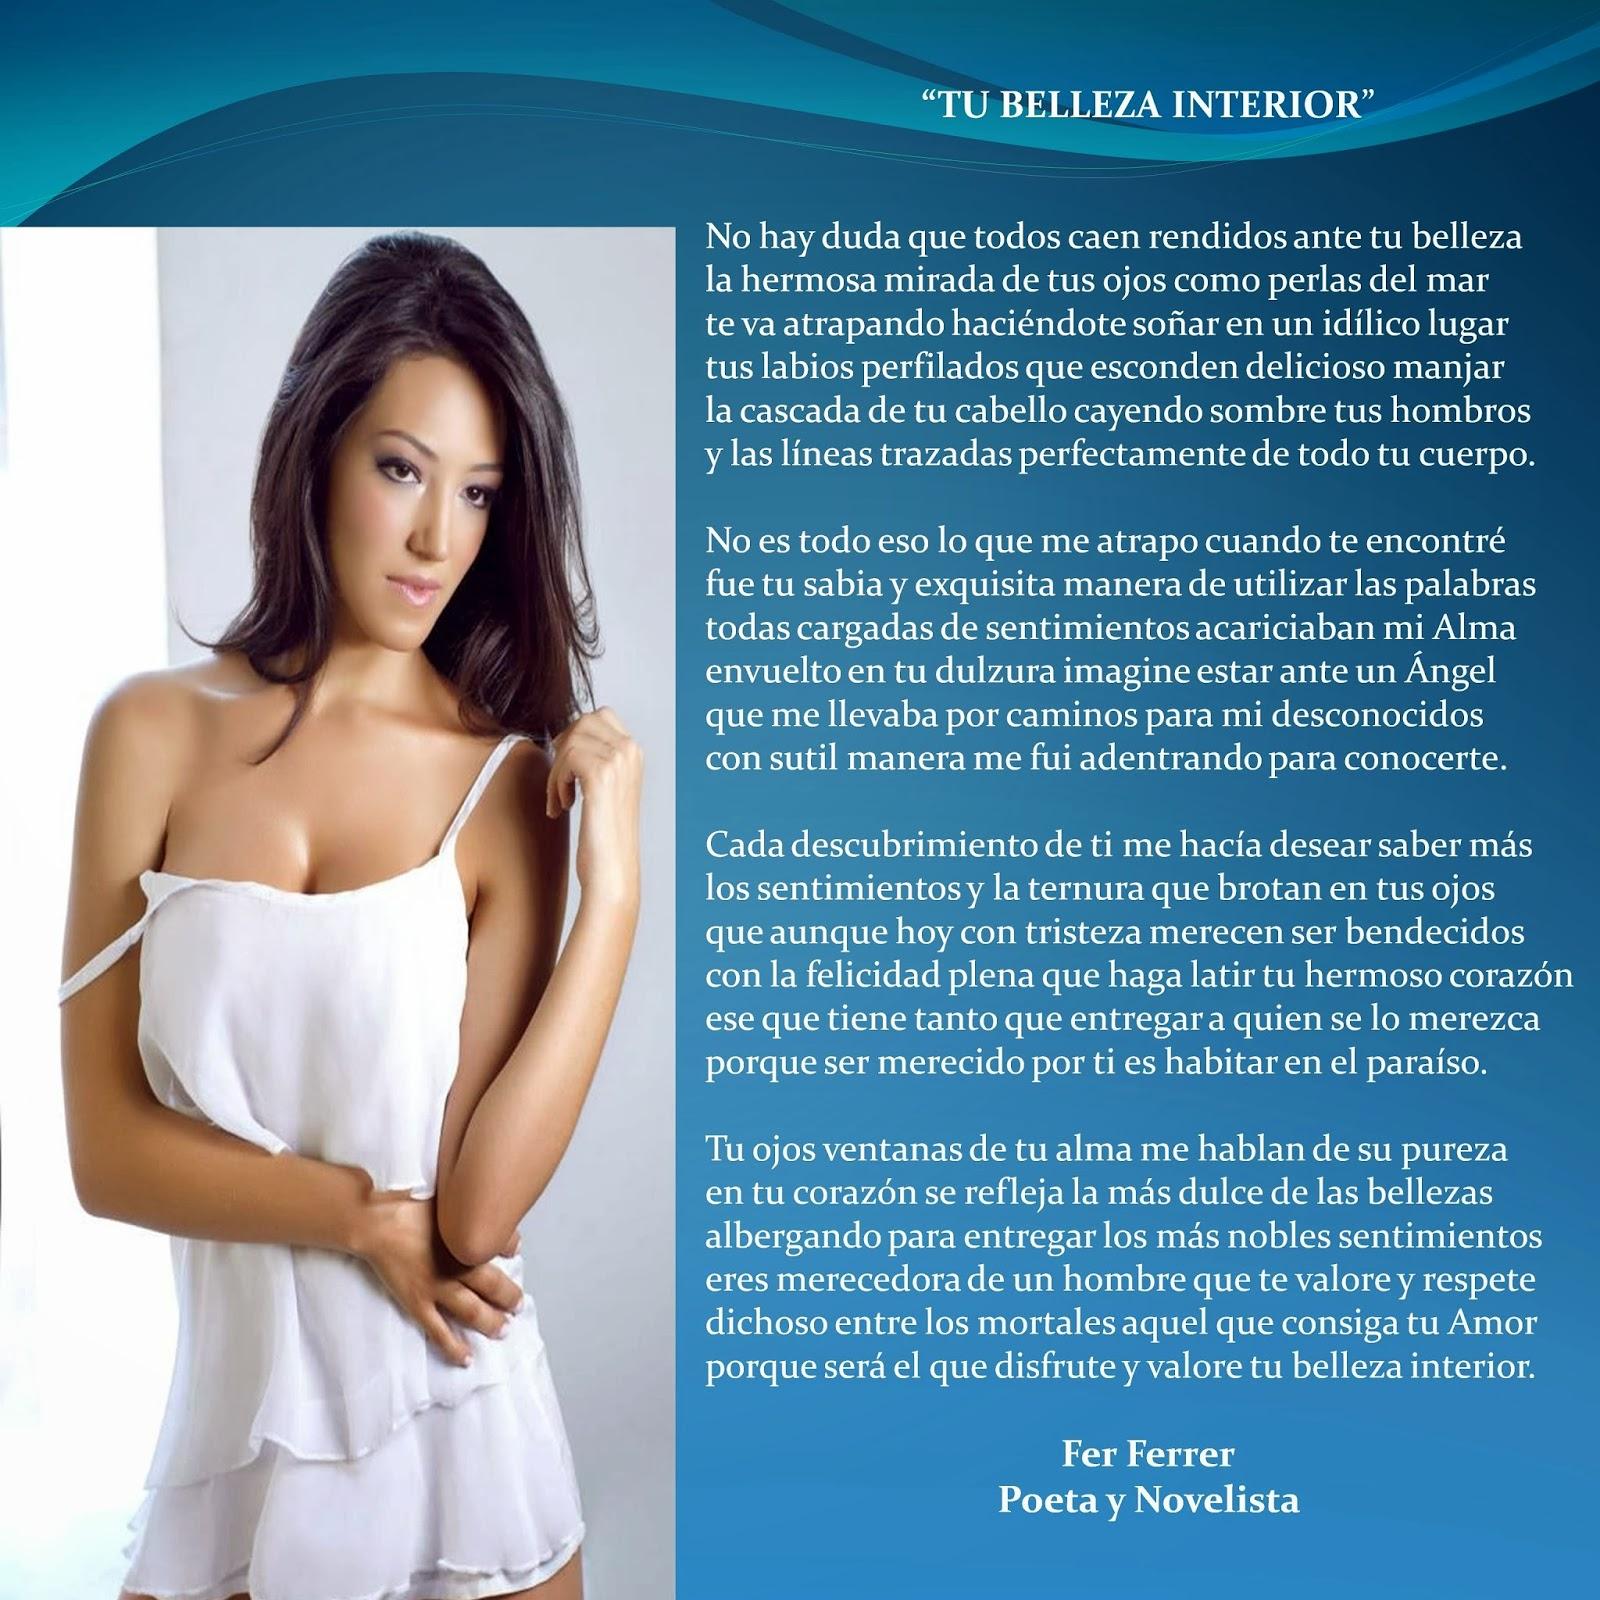 Fer Ferrer Poeta Y Novelista TU BELLEZA INTERIOR